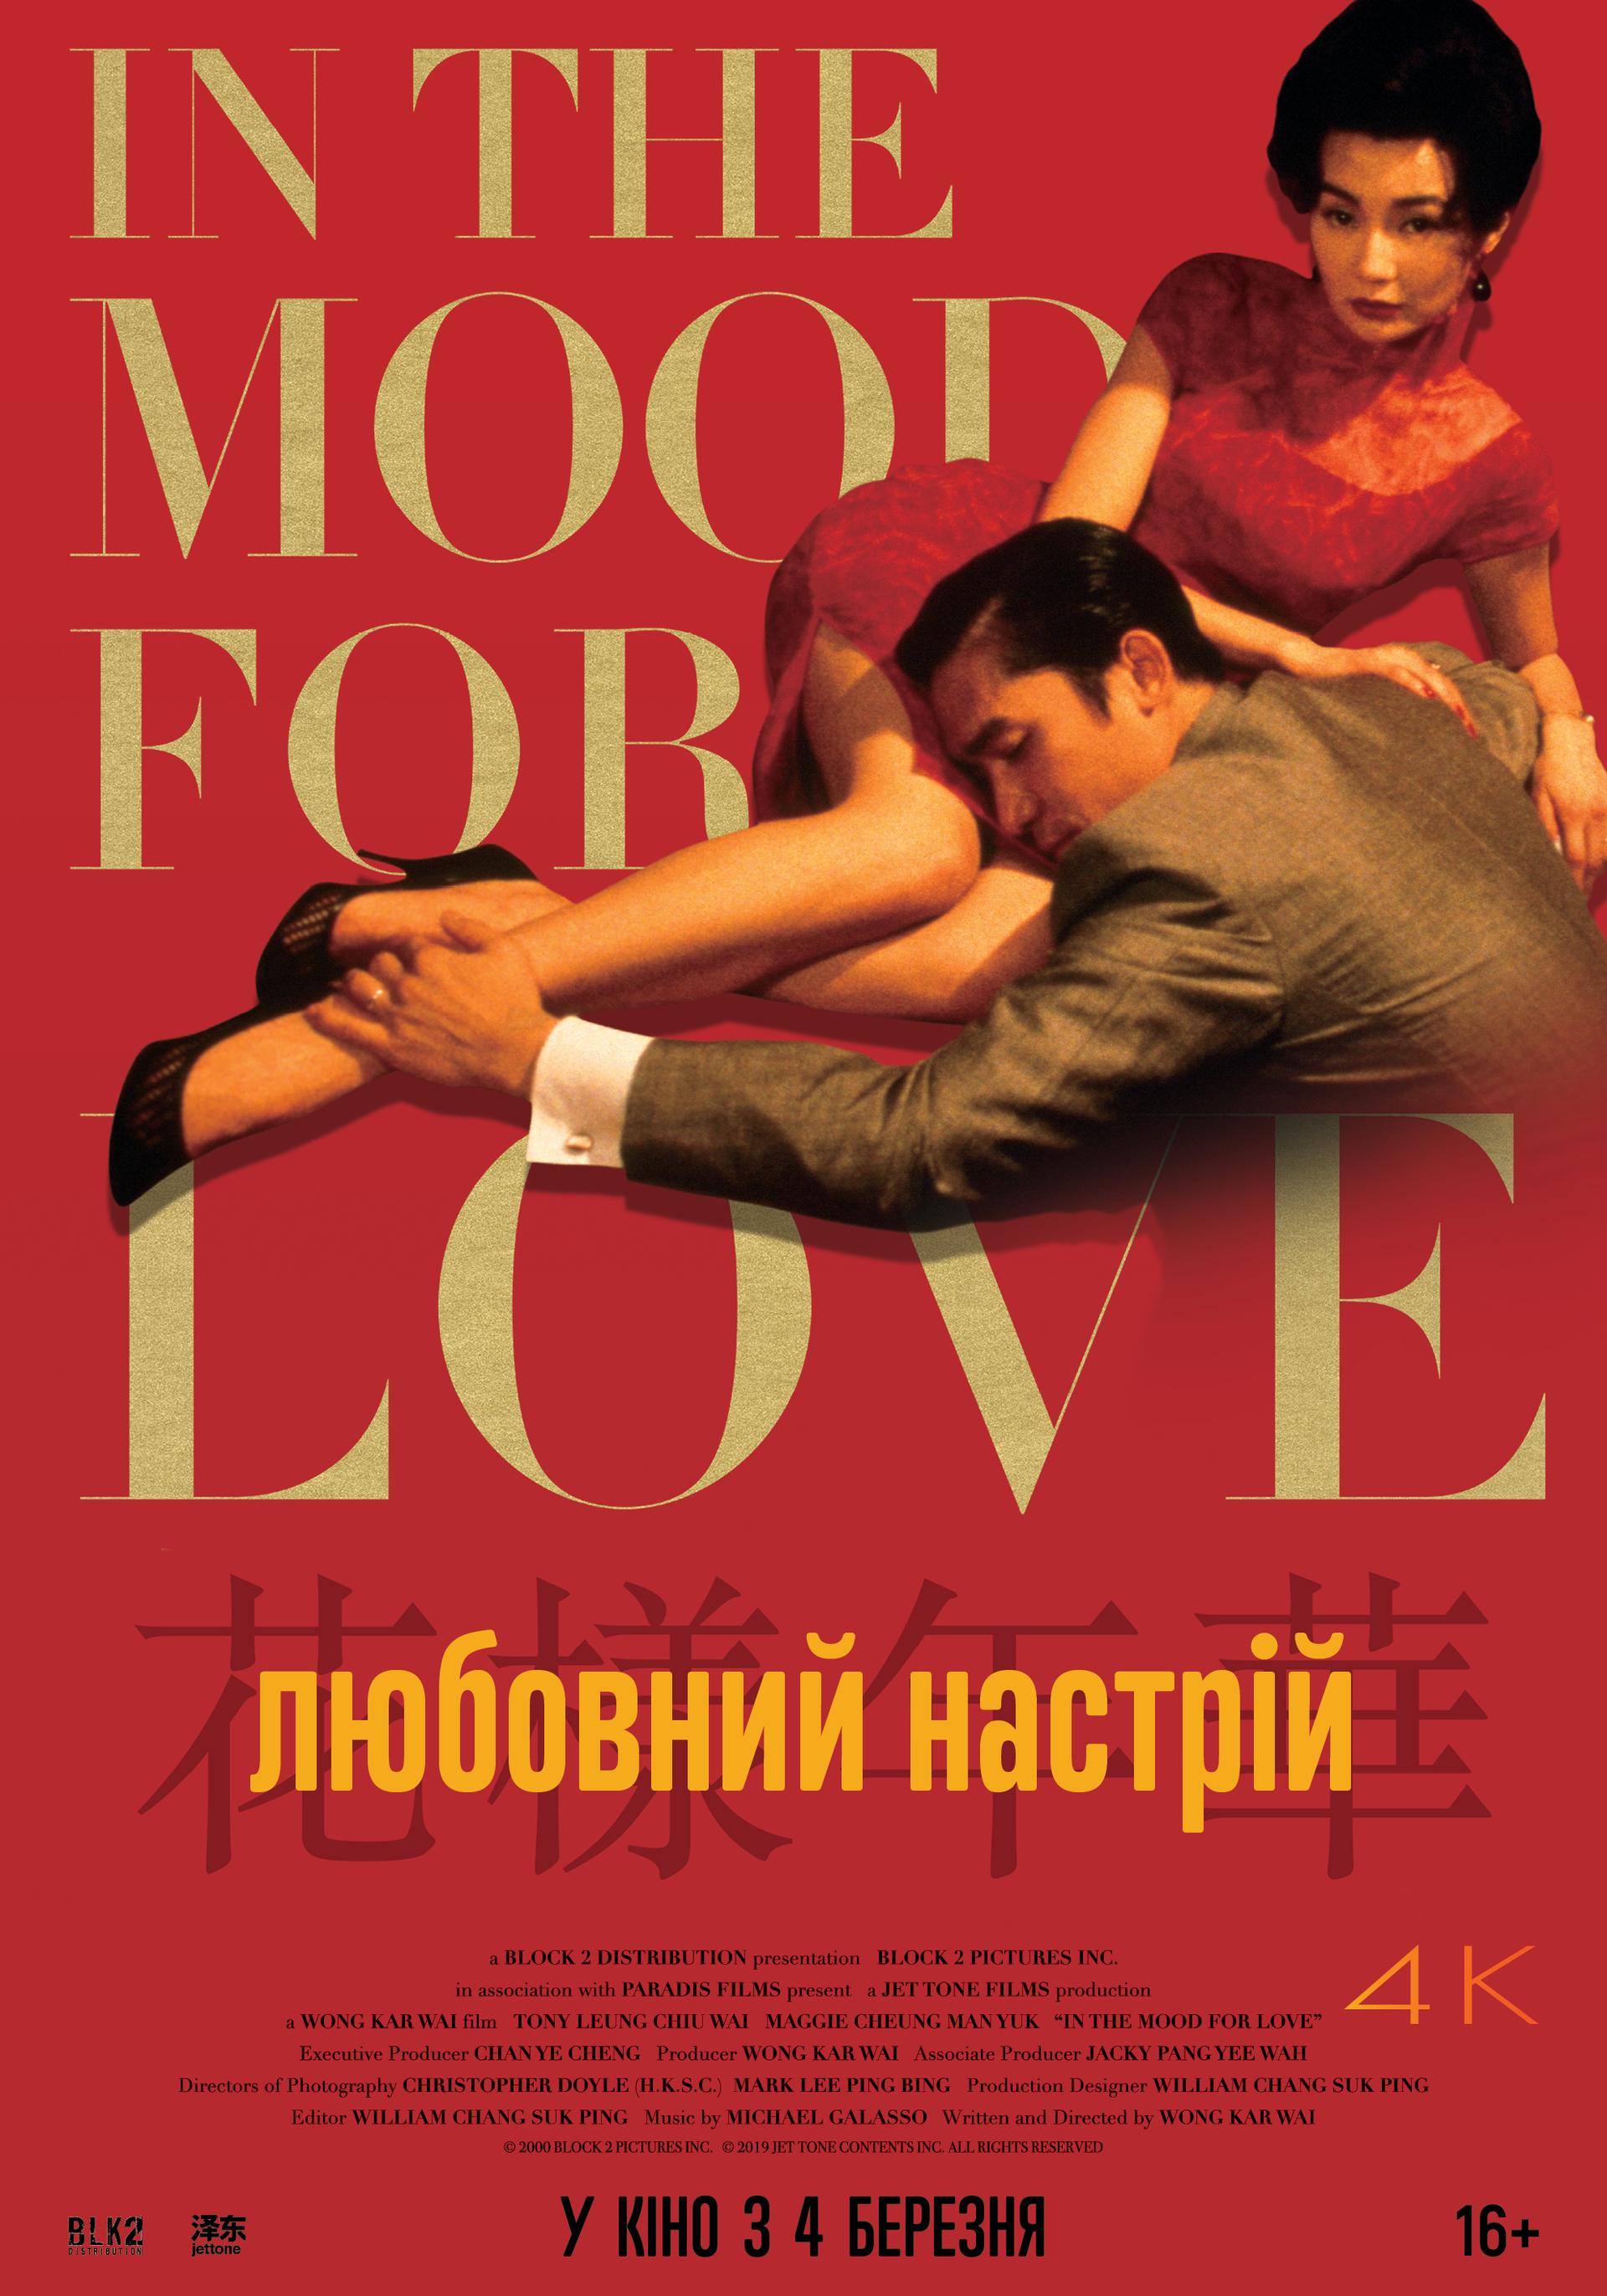 В український прокат вийде відреставрована версія кіношедевру «Любовний настрій» Вонга Карвая-Фото 1